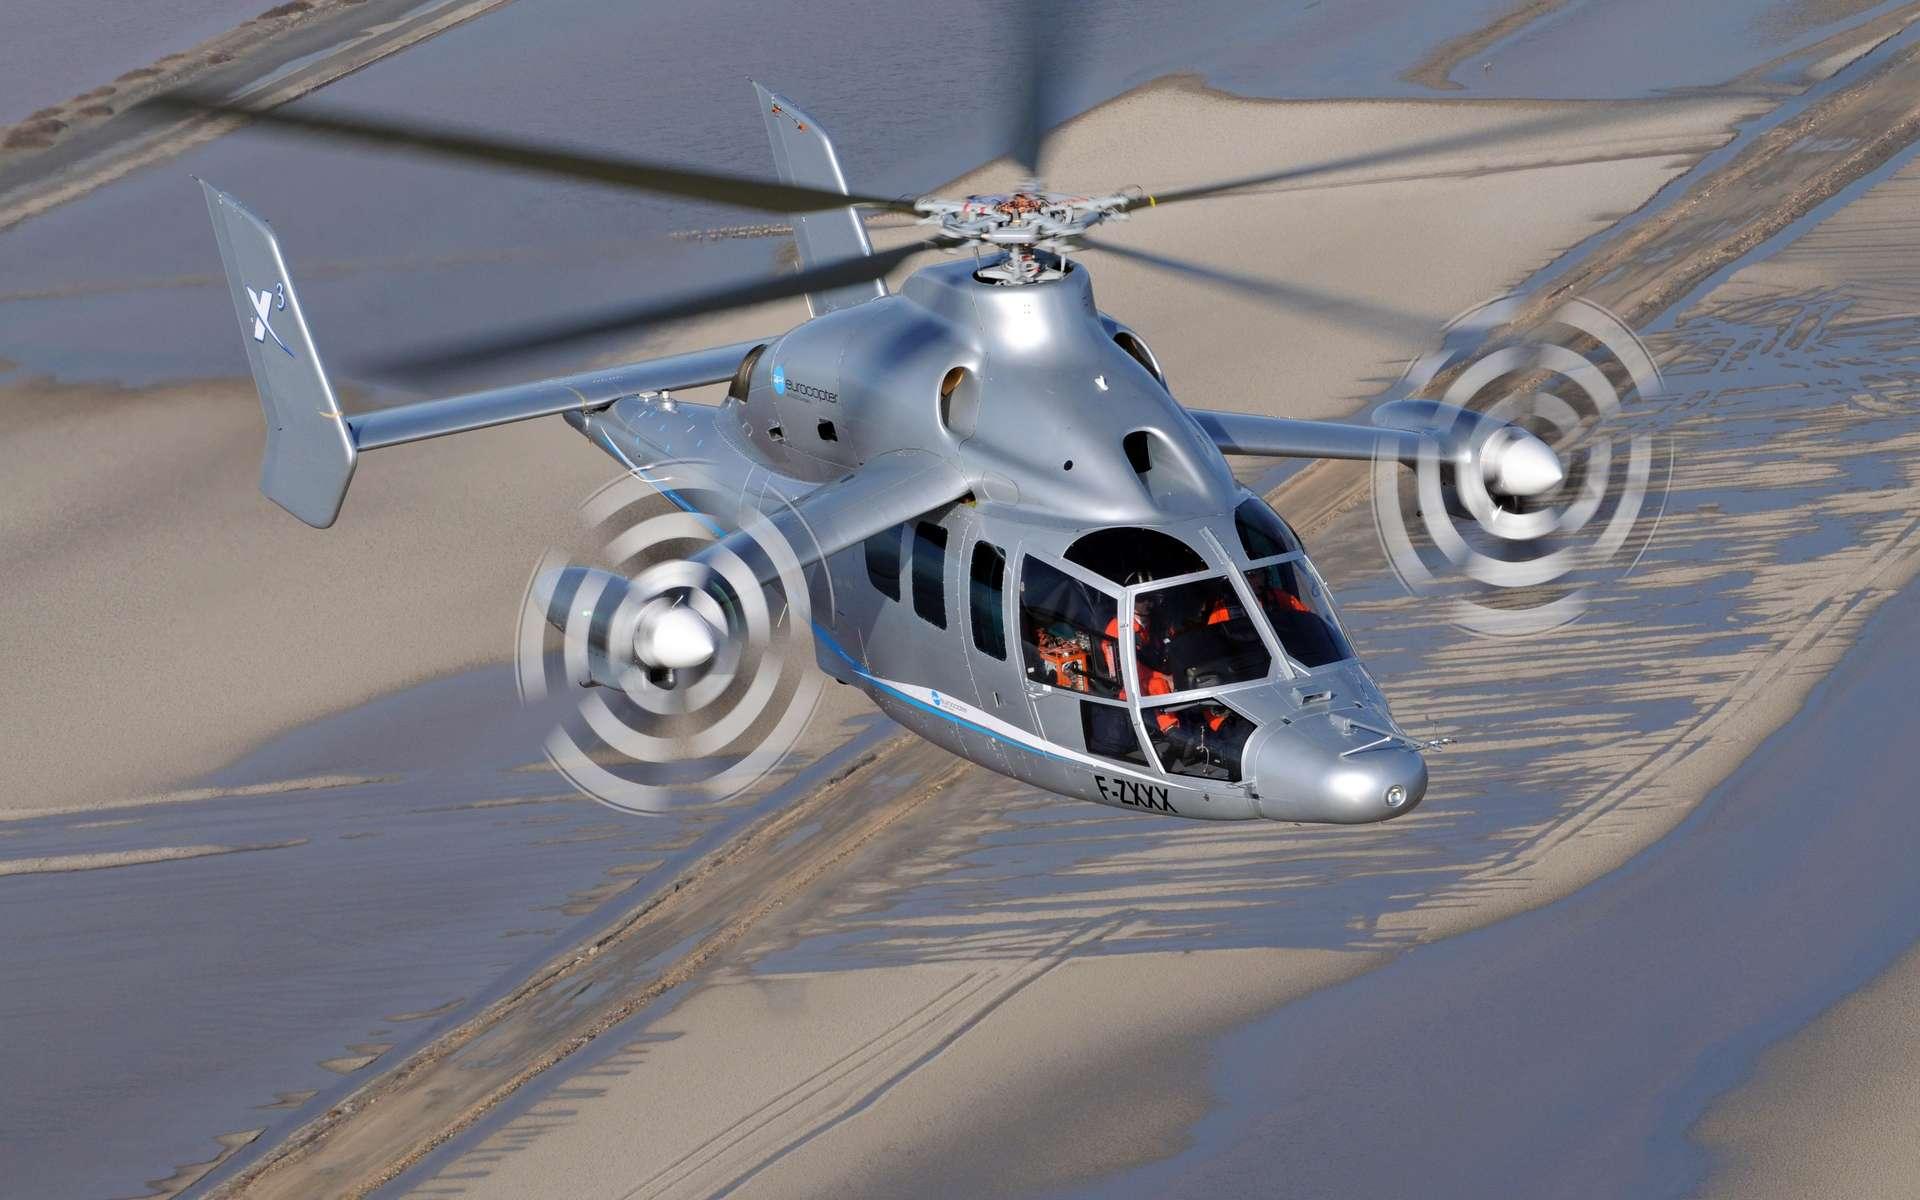 Le X3 est basé sur le populaire hélicoptère Dauphin avec un rotor principal à cinq pales et deux autres petits rotors installés sur de petites ailes fixes de chaque côté de l'appareil. Il est capable d'atteindre une vitesse de croisière de 400 km/h. © Eurocopter